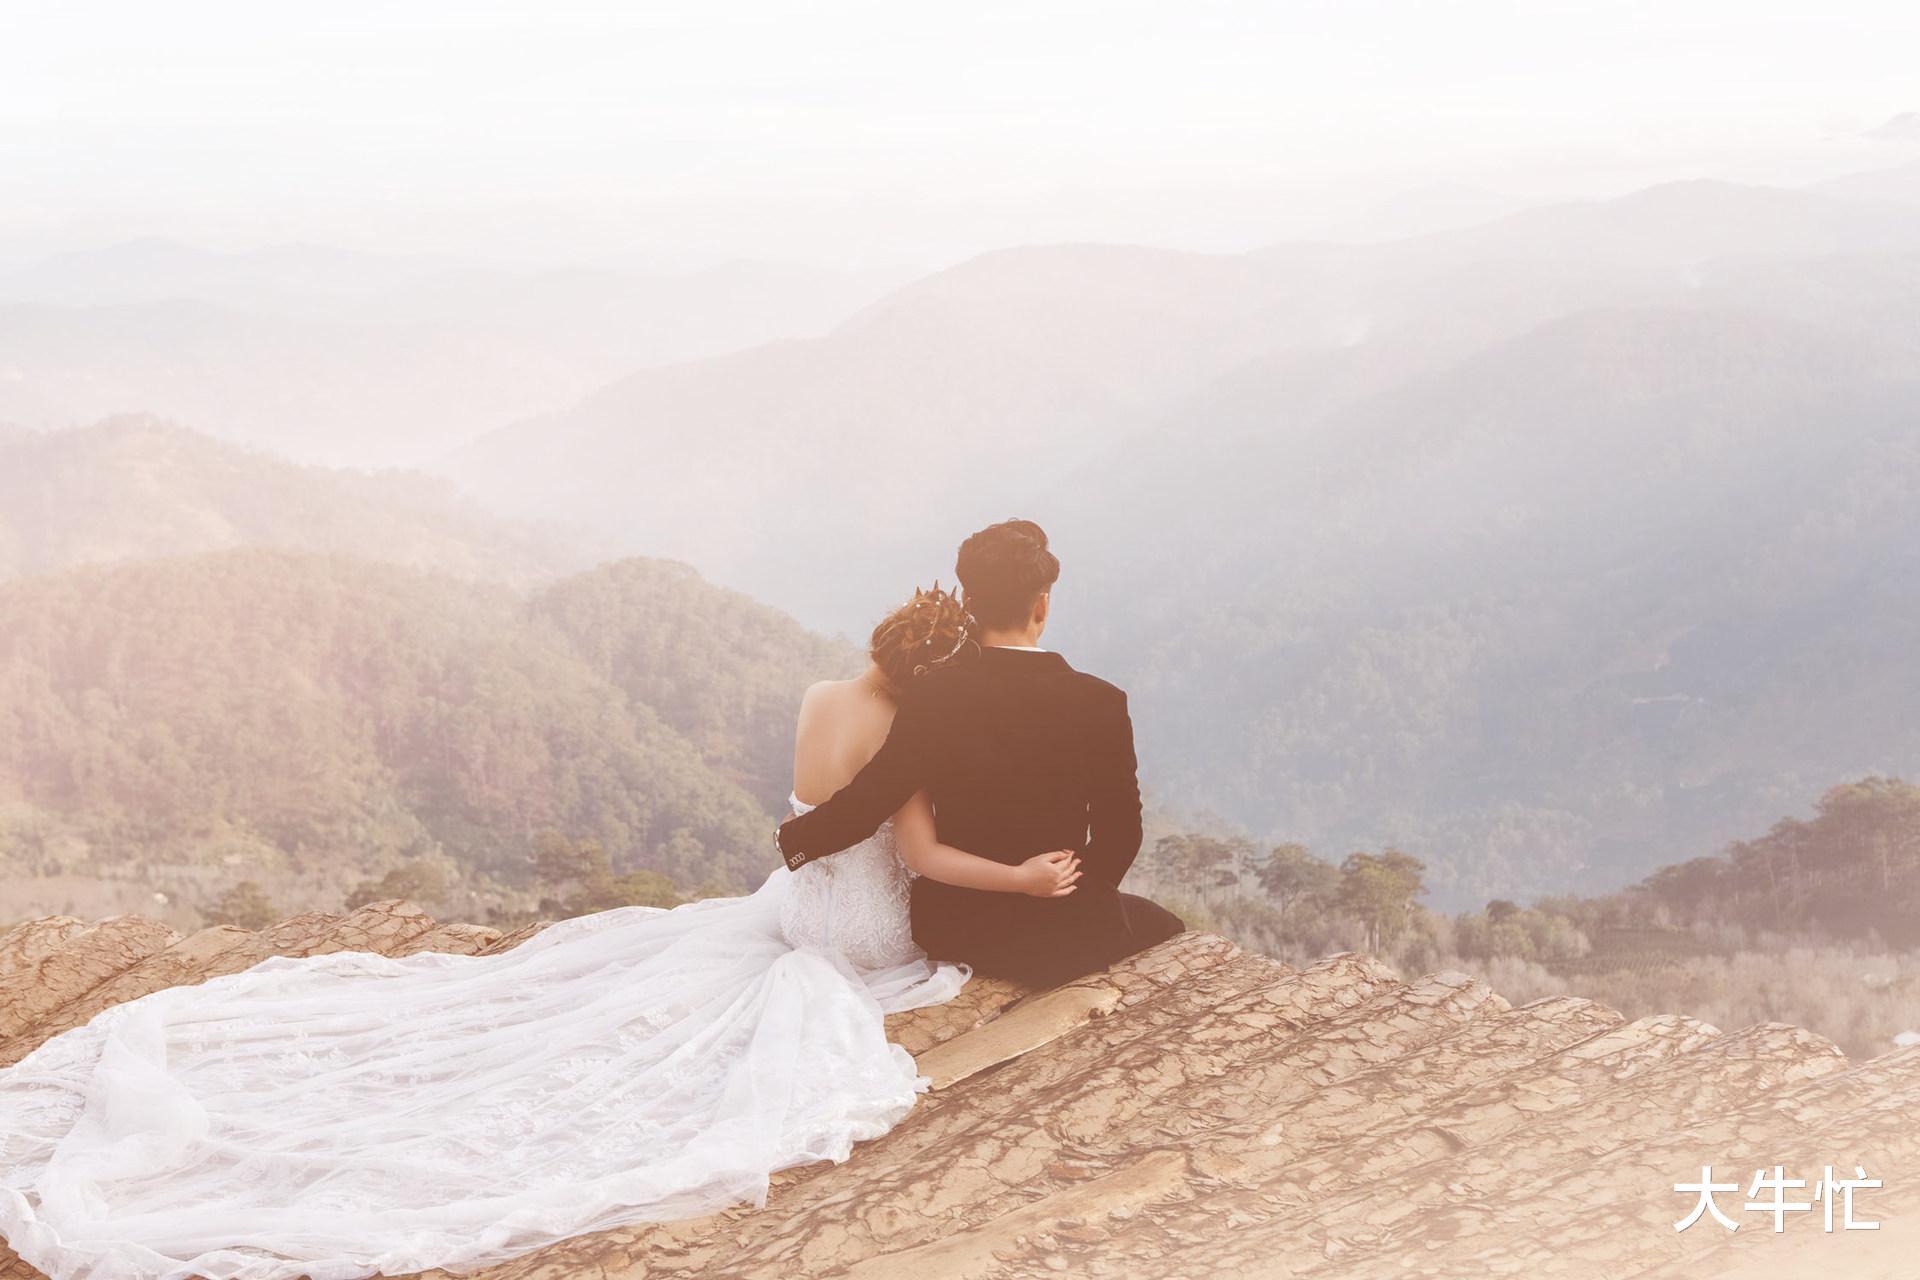 外面有情人,就不配擁有婚姻麼|一個離婚案例,感情很奇怪-圖7